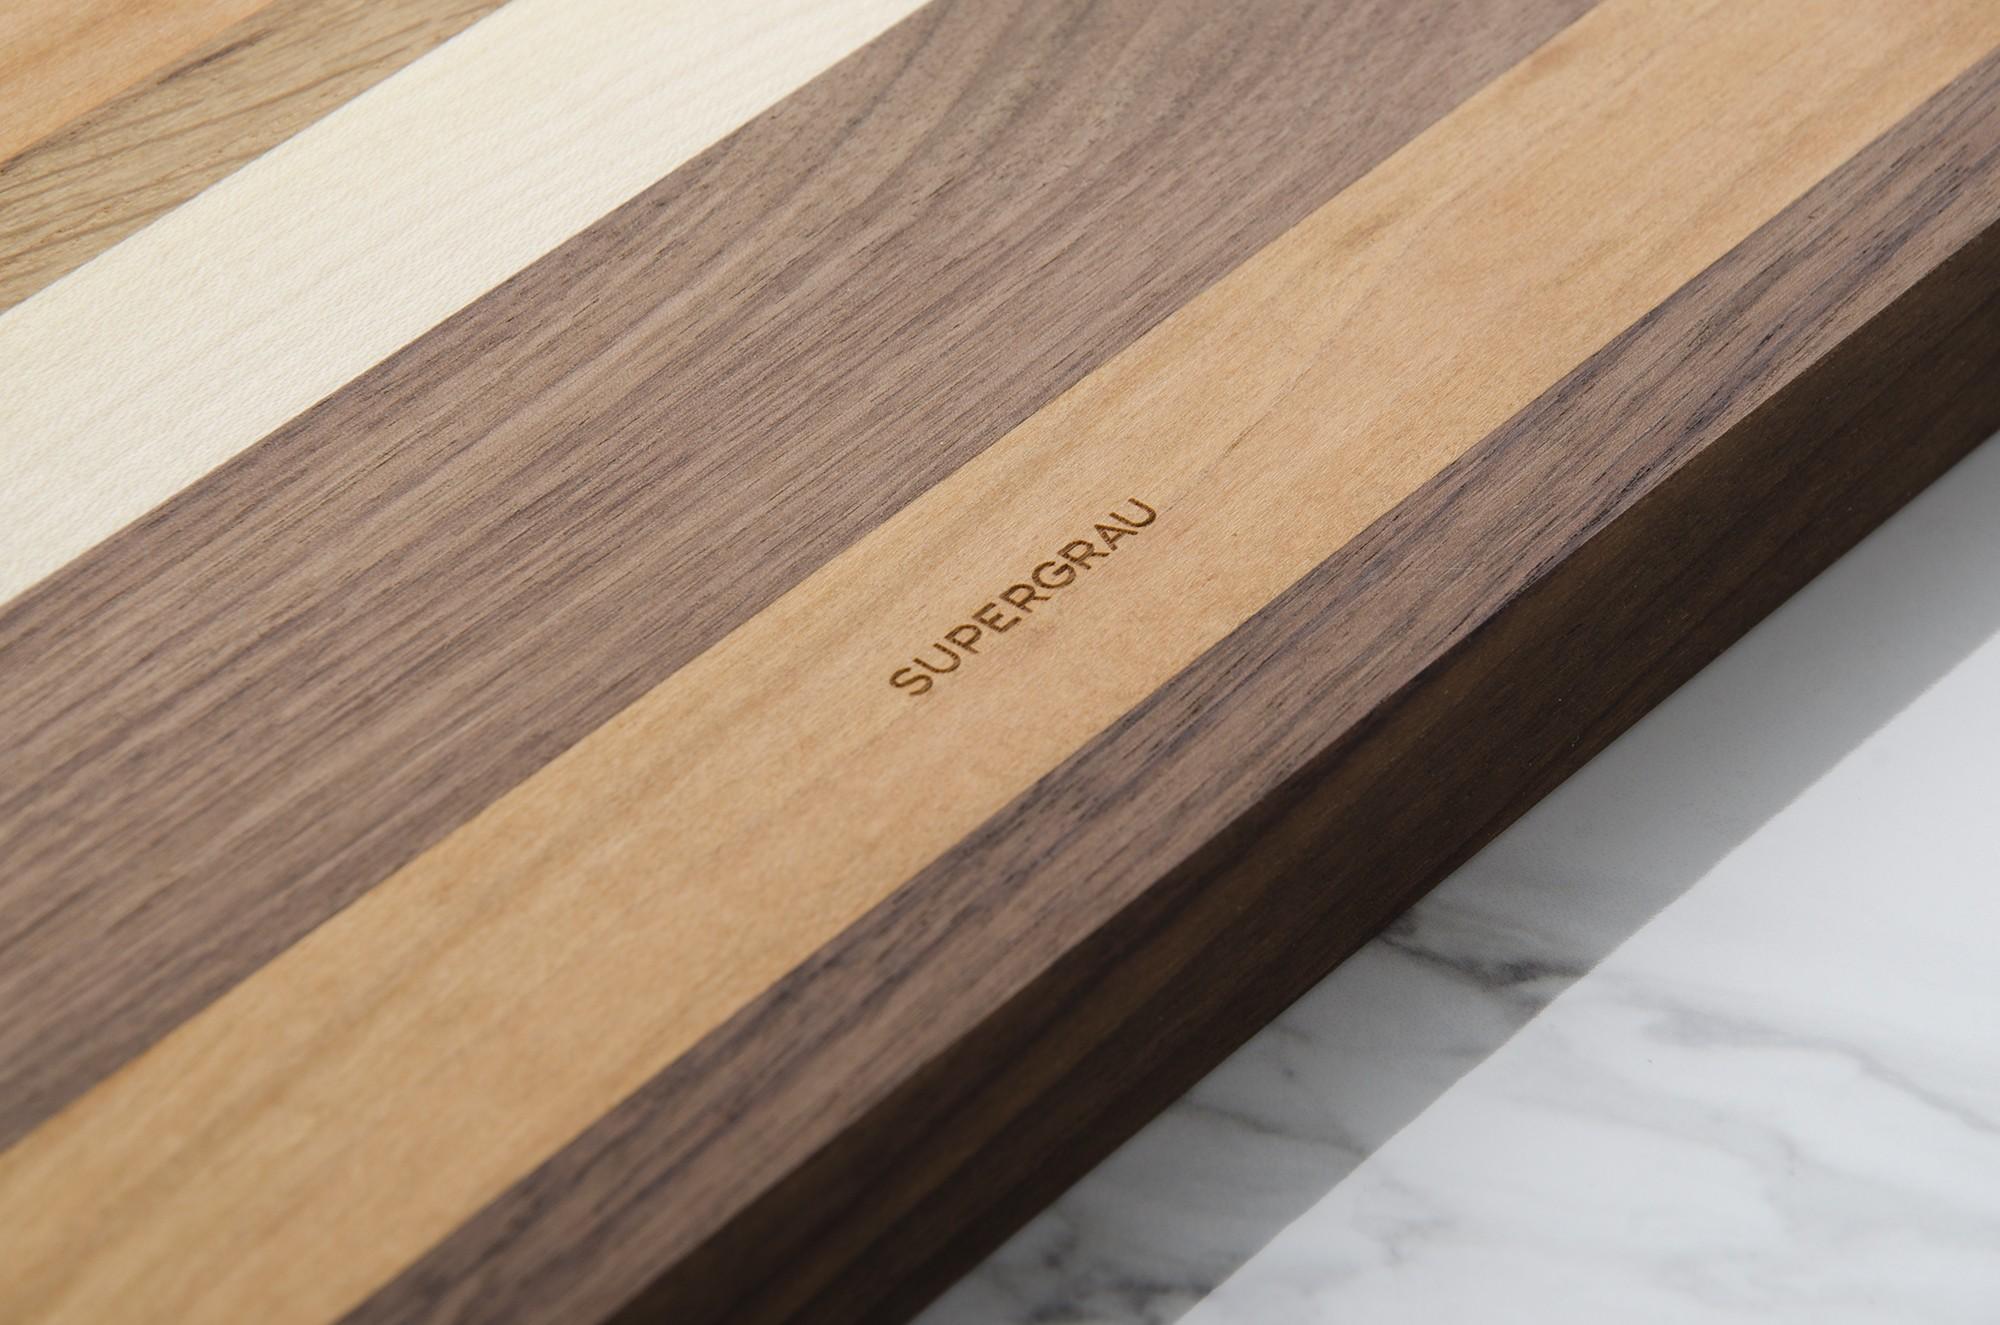 plaque a decouper decouper un plan de travail pour plaque lzzy chef duvre planche dcouper. Black Bedroom Furniture Sets. Home Design Ideas